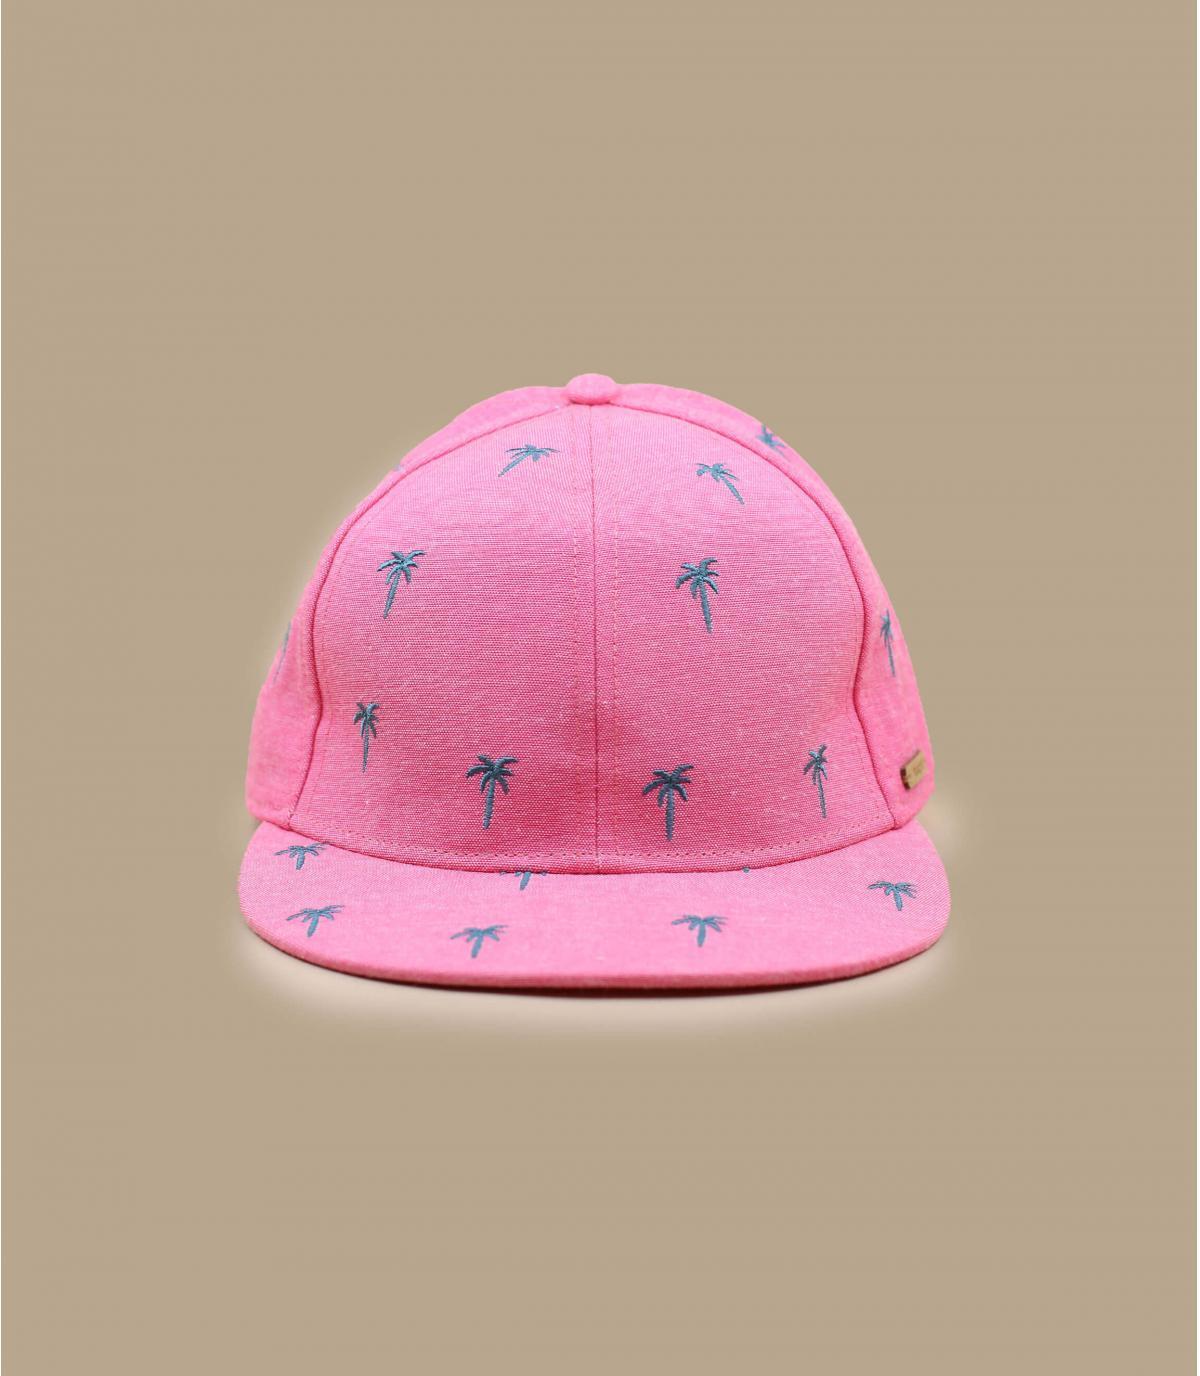 casquette enfant rose palmiers